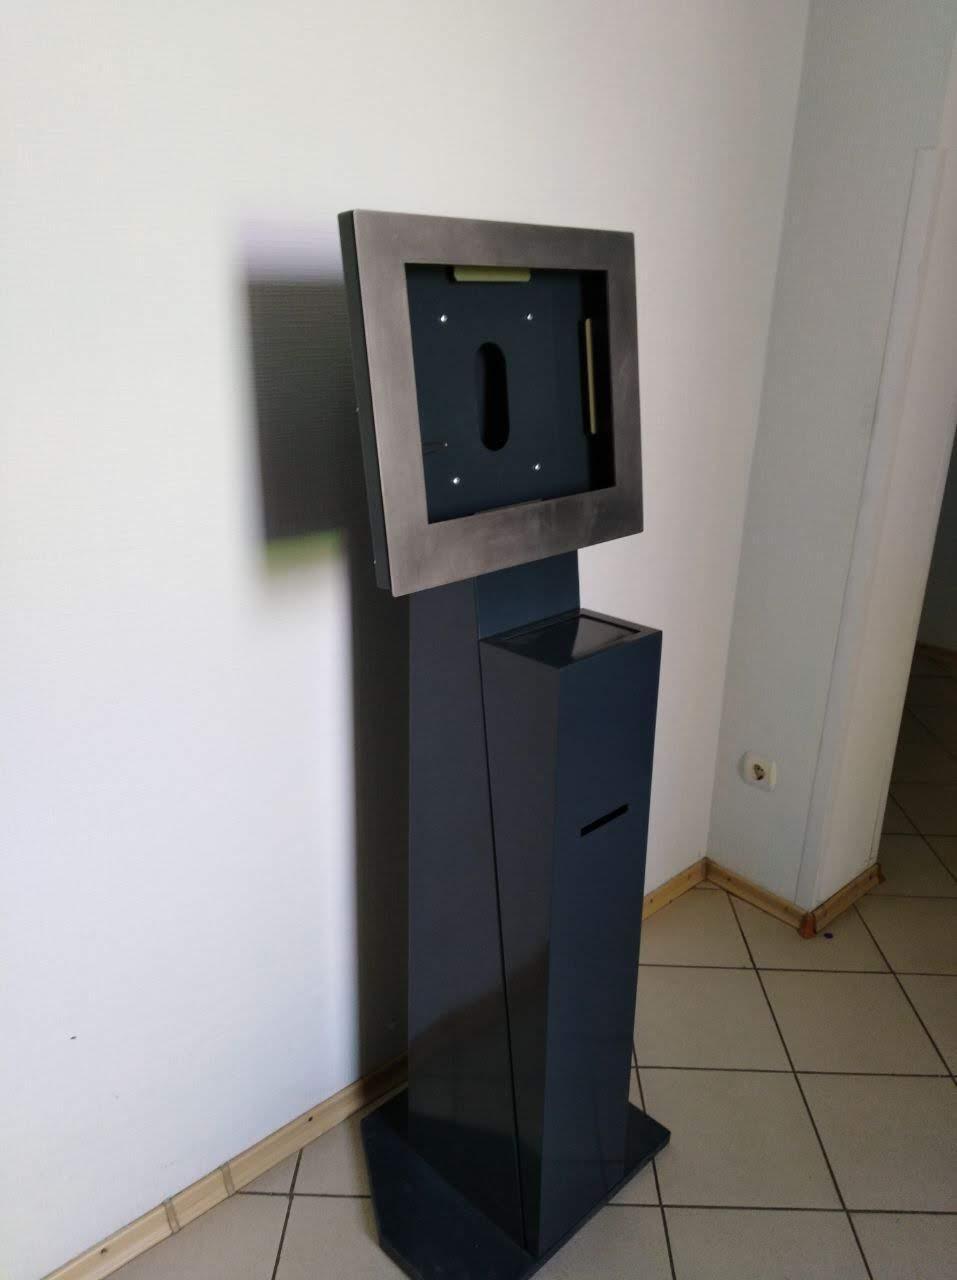 Платежный терминал. Внутренний КОСМОС (без подсветки)